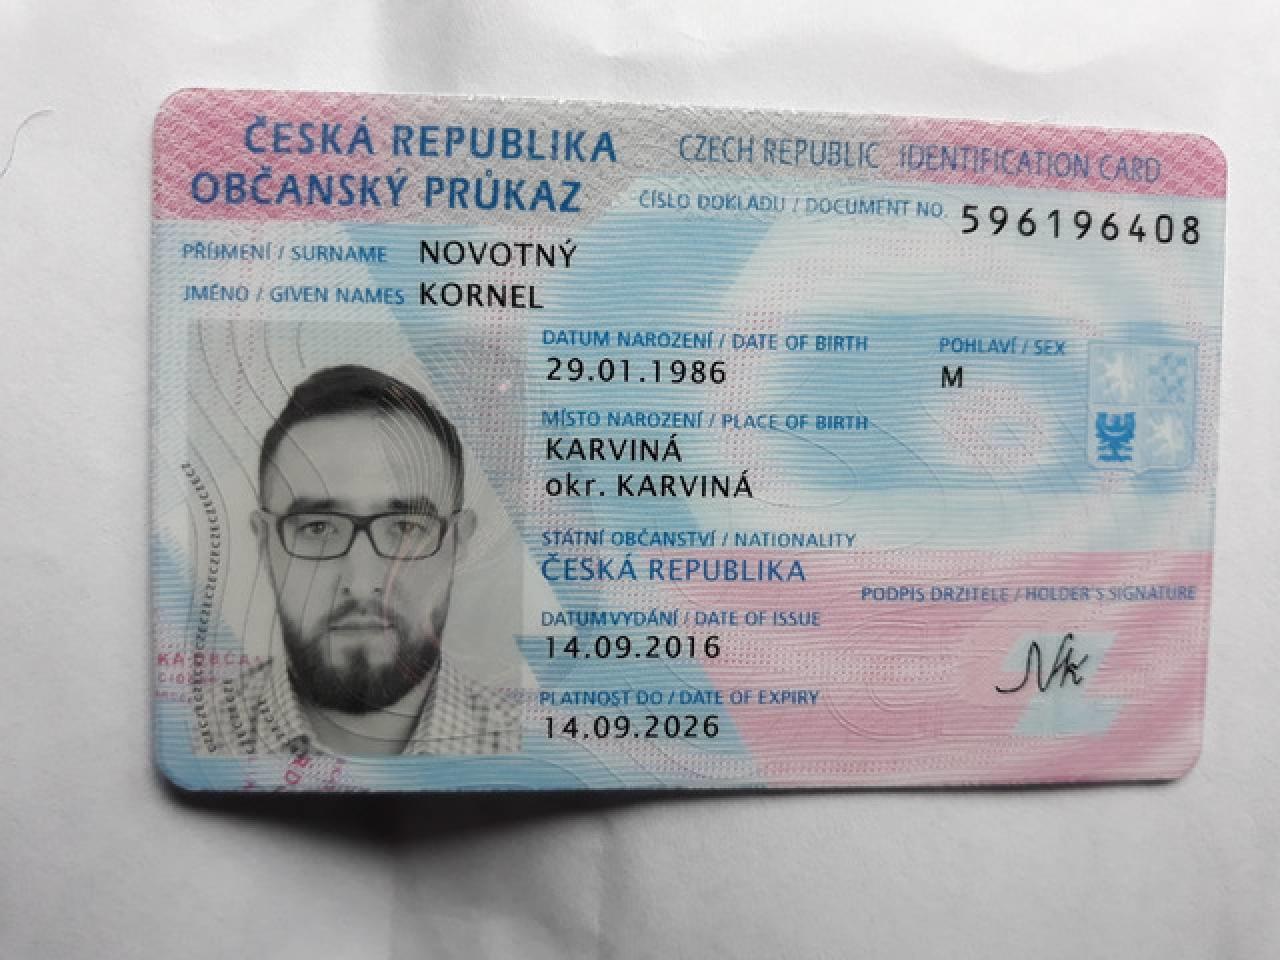 Изготовление европейских ID card - 1